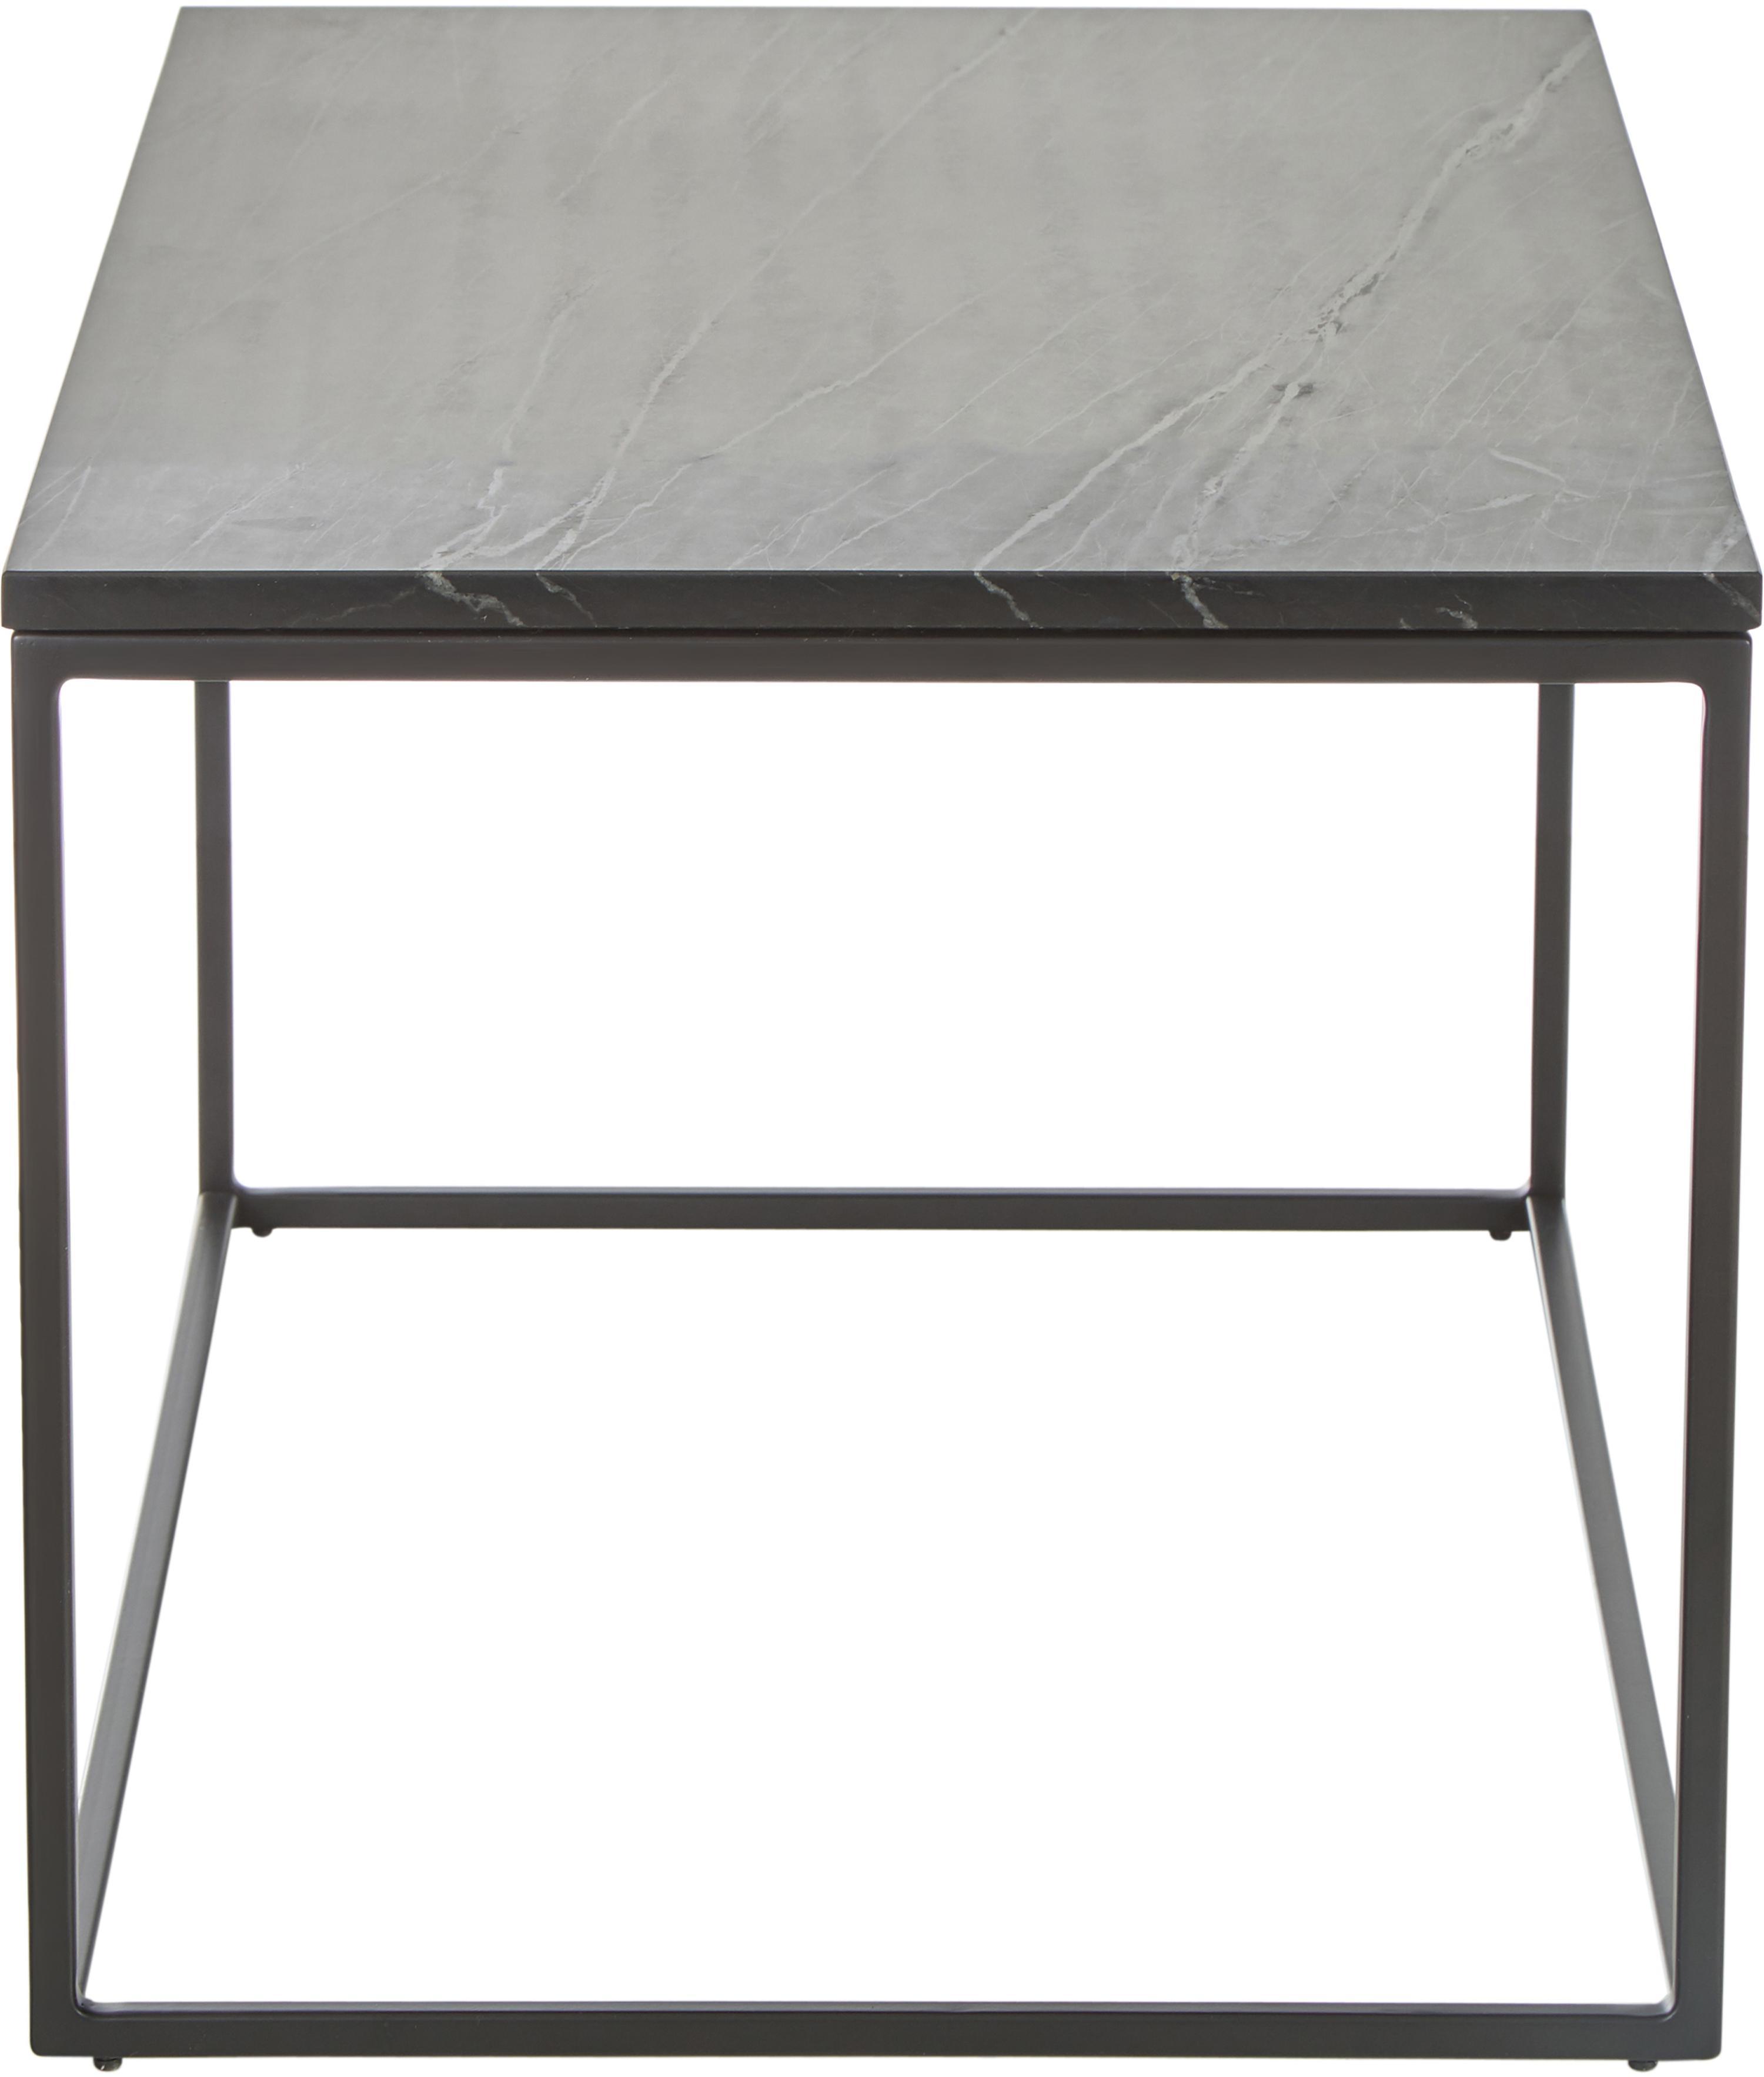 Marmor-Couchtisch Alys, Tischplatte: Marmor, Gestell: Metall, pulverbeschichtet, Tischplatte: Schwarzer Marmor, leicht glänzendGestell: Schwarz, matt, 80 x 45 cm